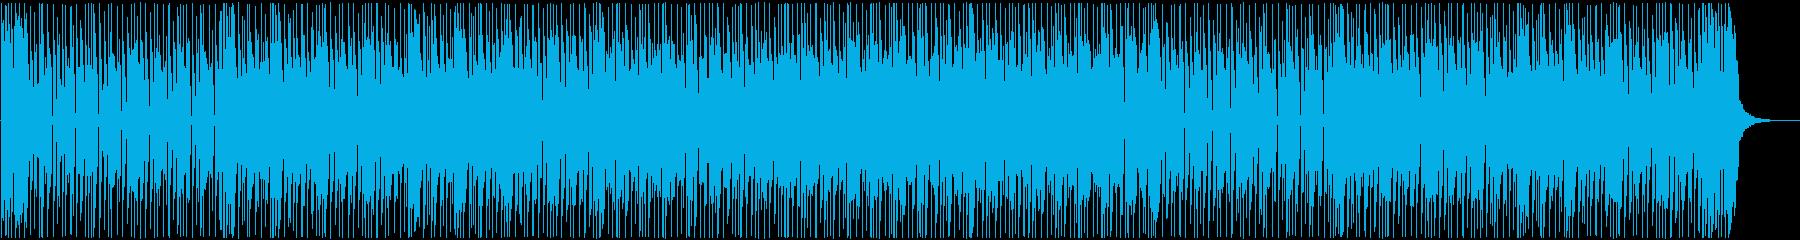 シンプルでタイトなリズムのファンクの再生済みの波形